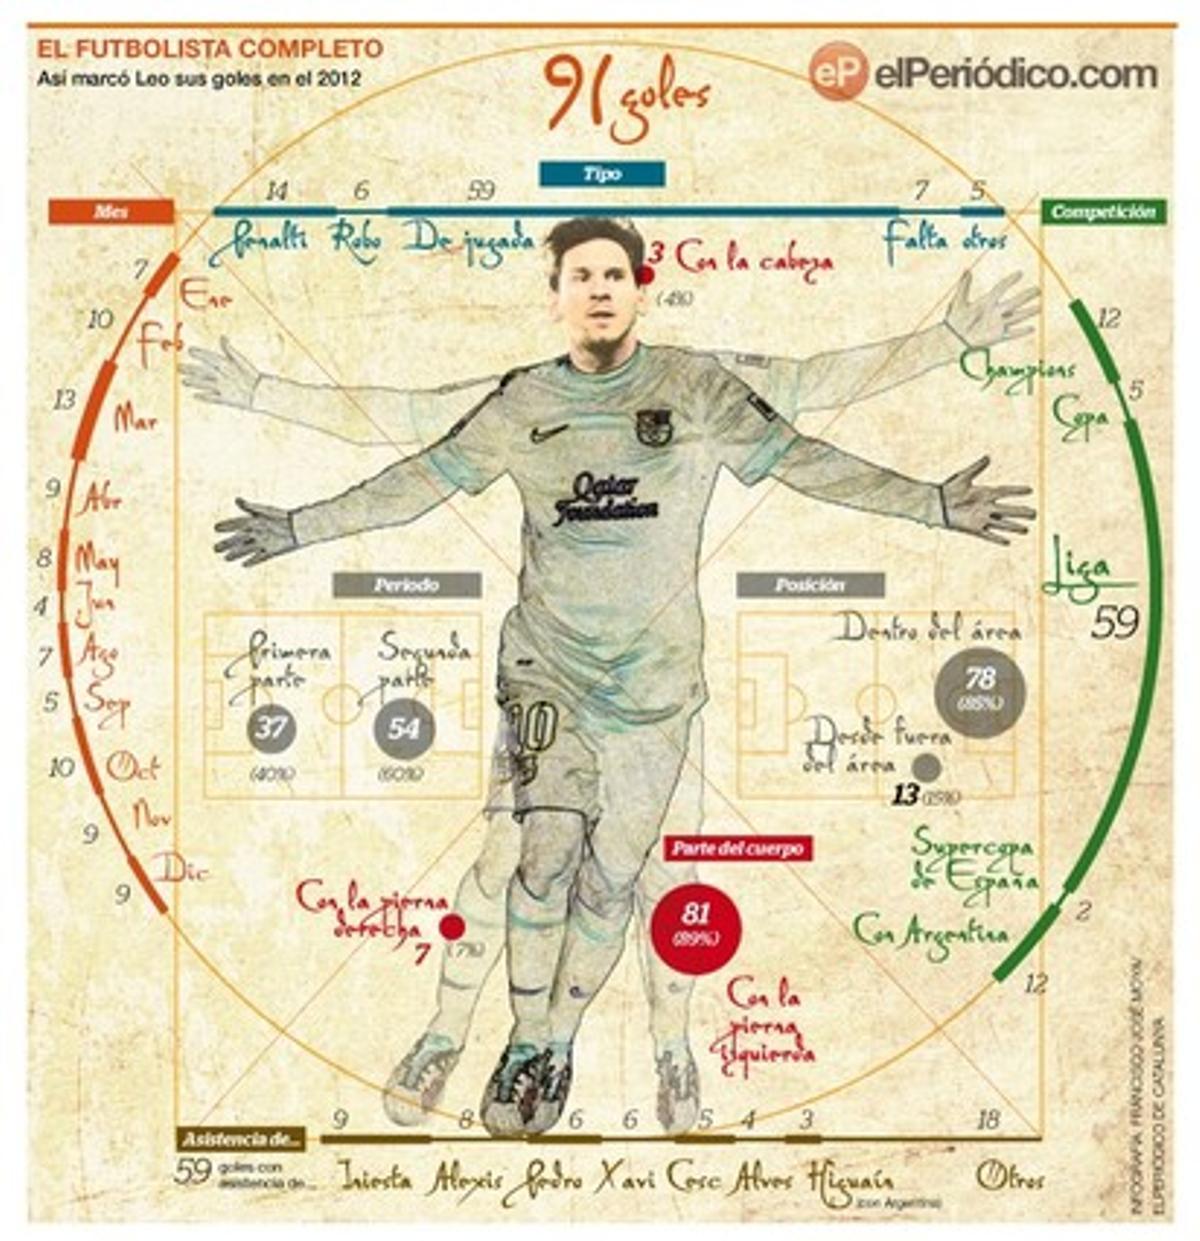 Infografía con los 91 goles de Leo Messi.